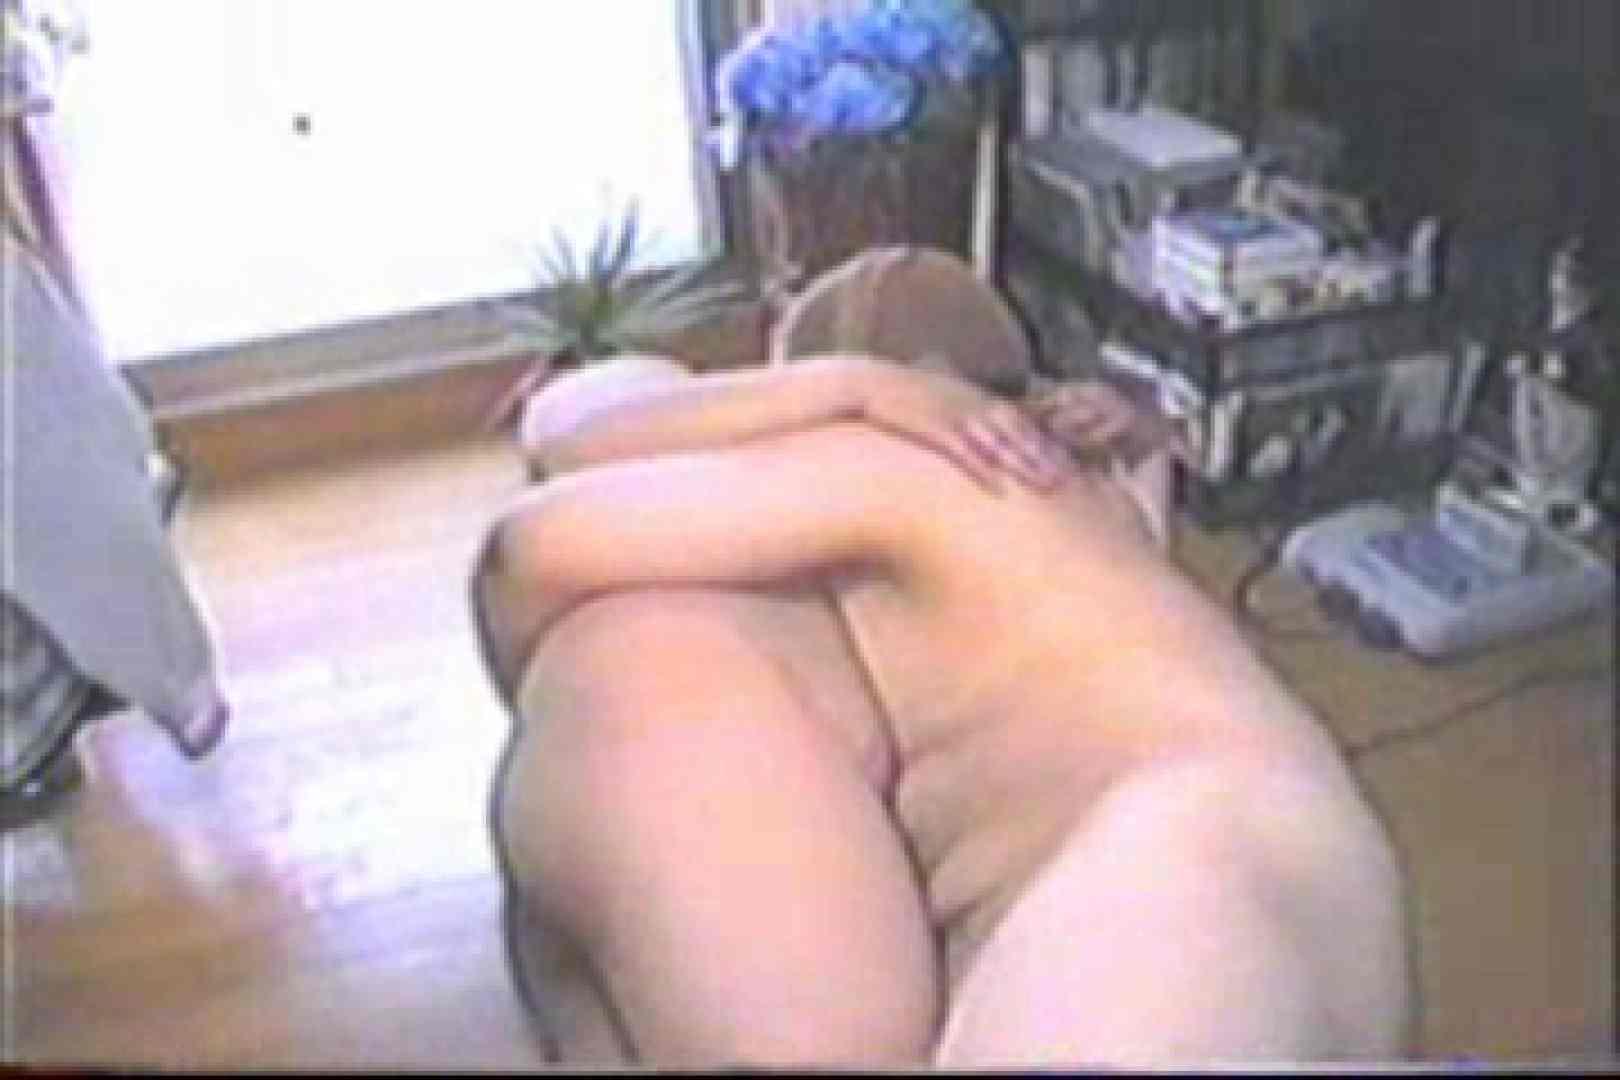 【実録】パンスト仮面は真性包茎!!Hなぽっちゃりカップル メンズのカップル | ぽっちゃりメンズ  82画像 56